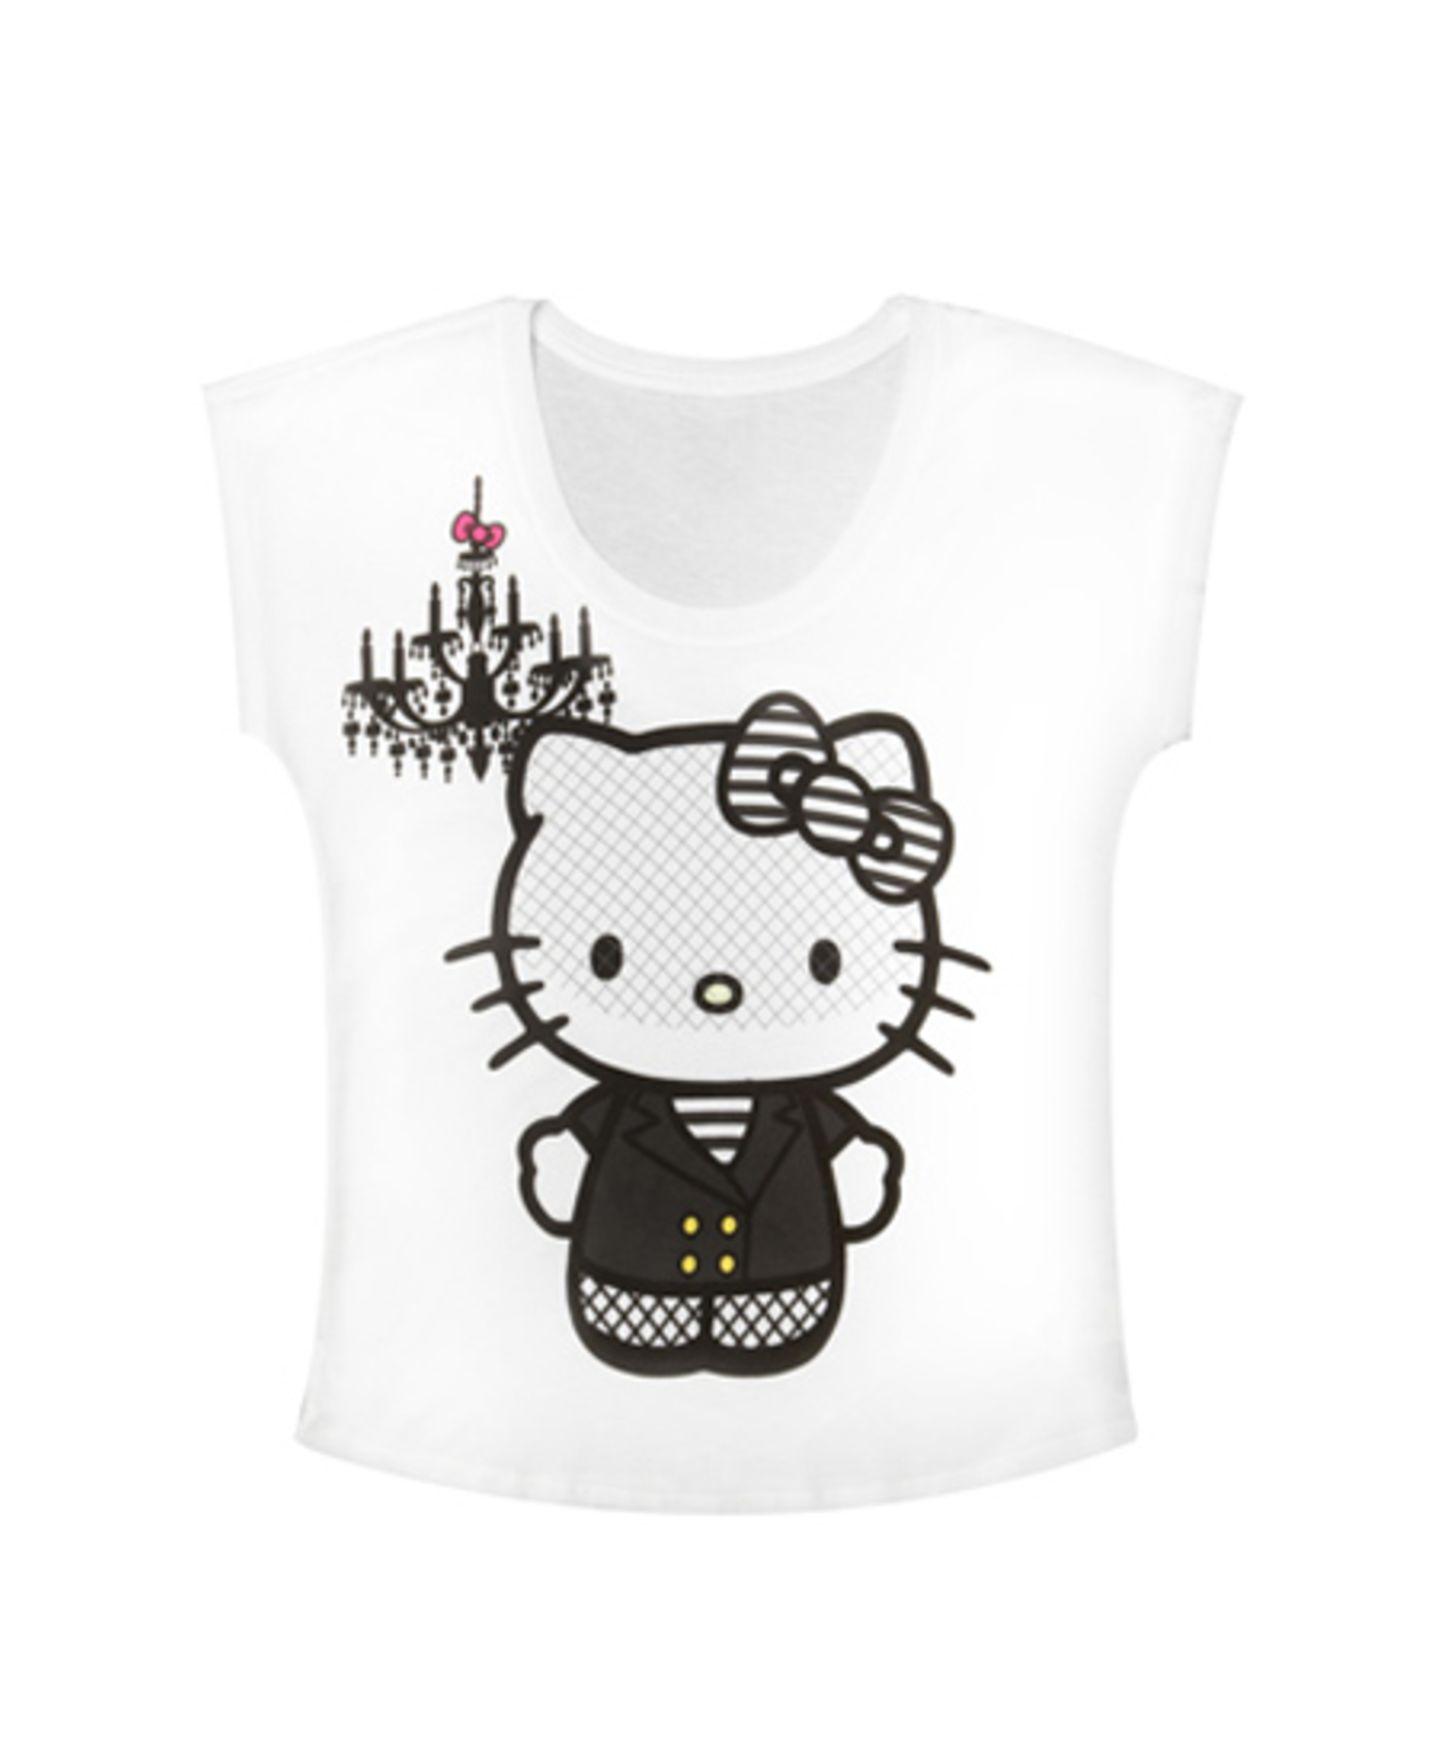 T-Shirt mit Hello Kitty-Print von Fredflare, um 24 Euro.